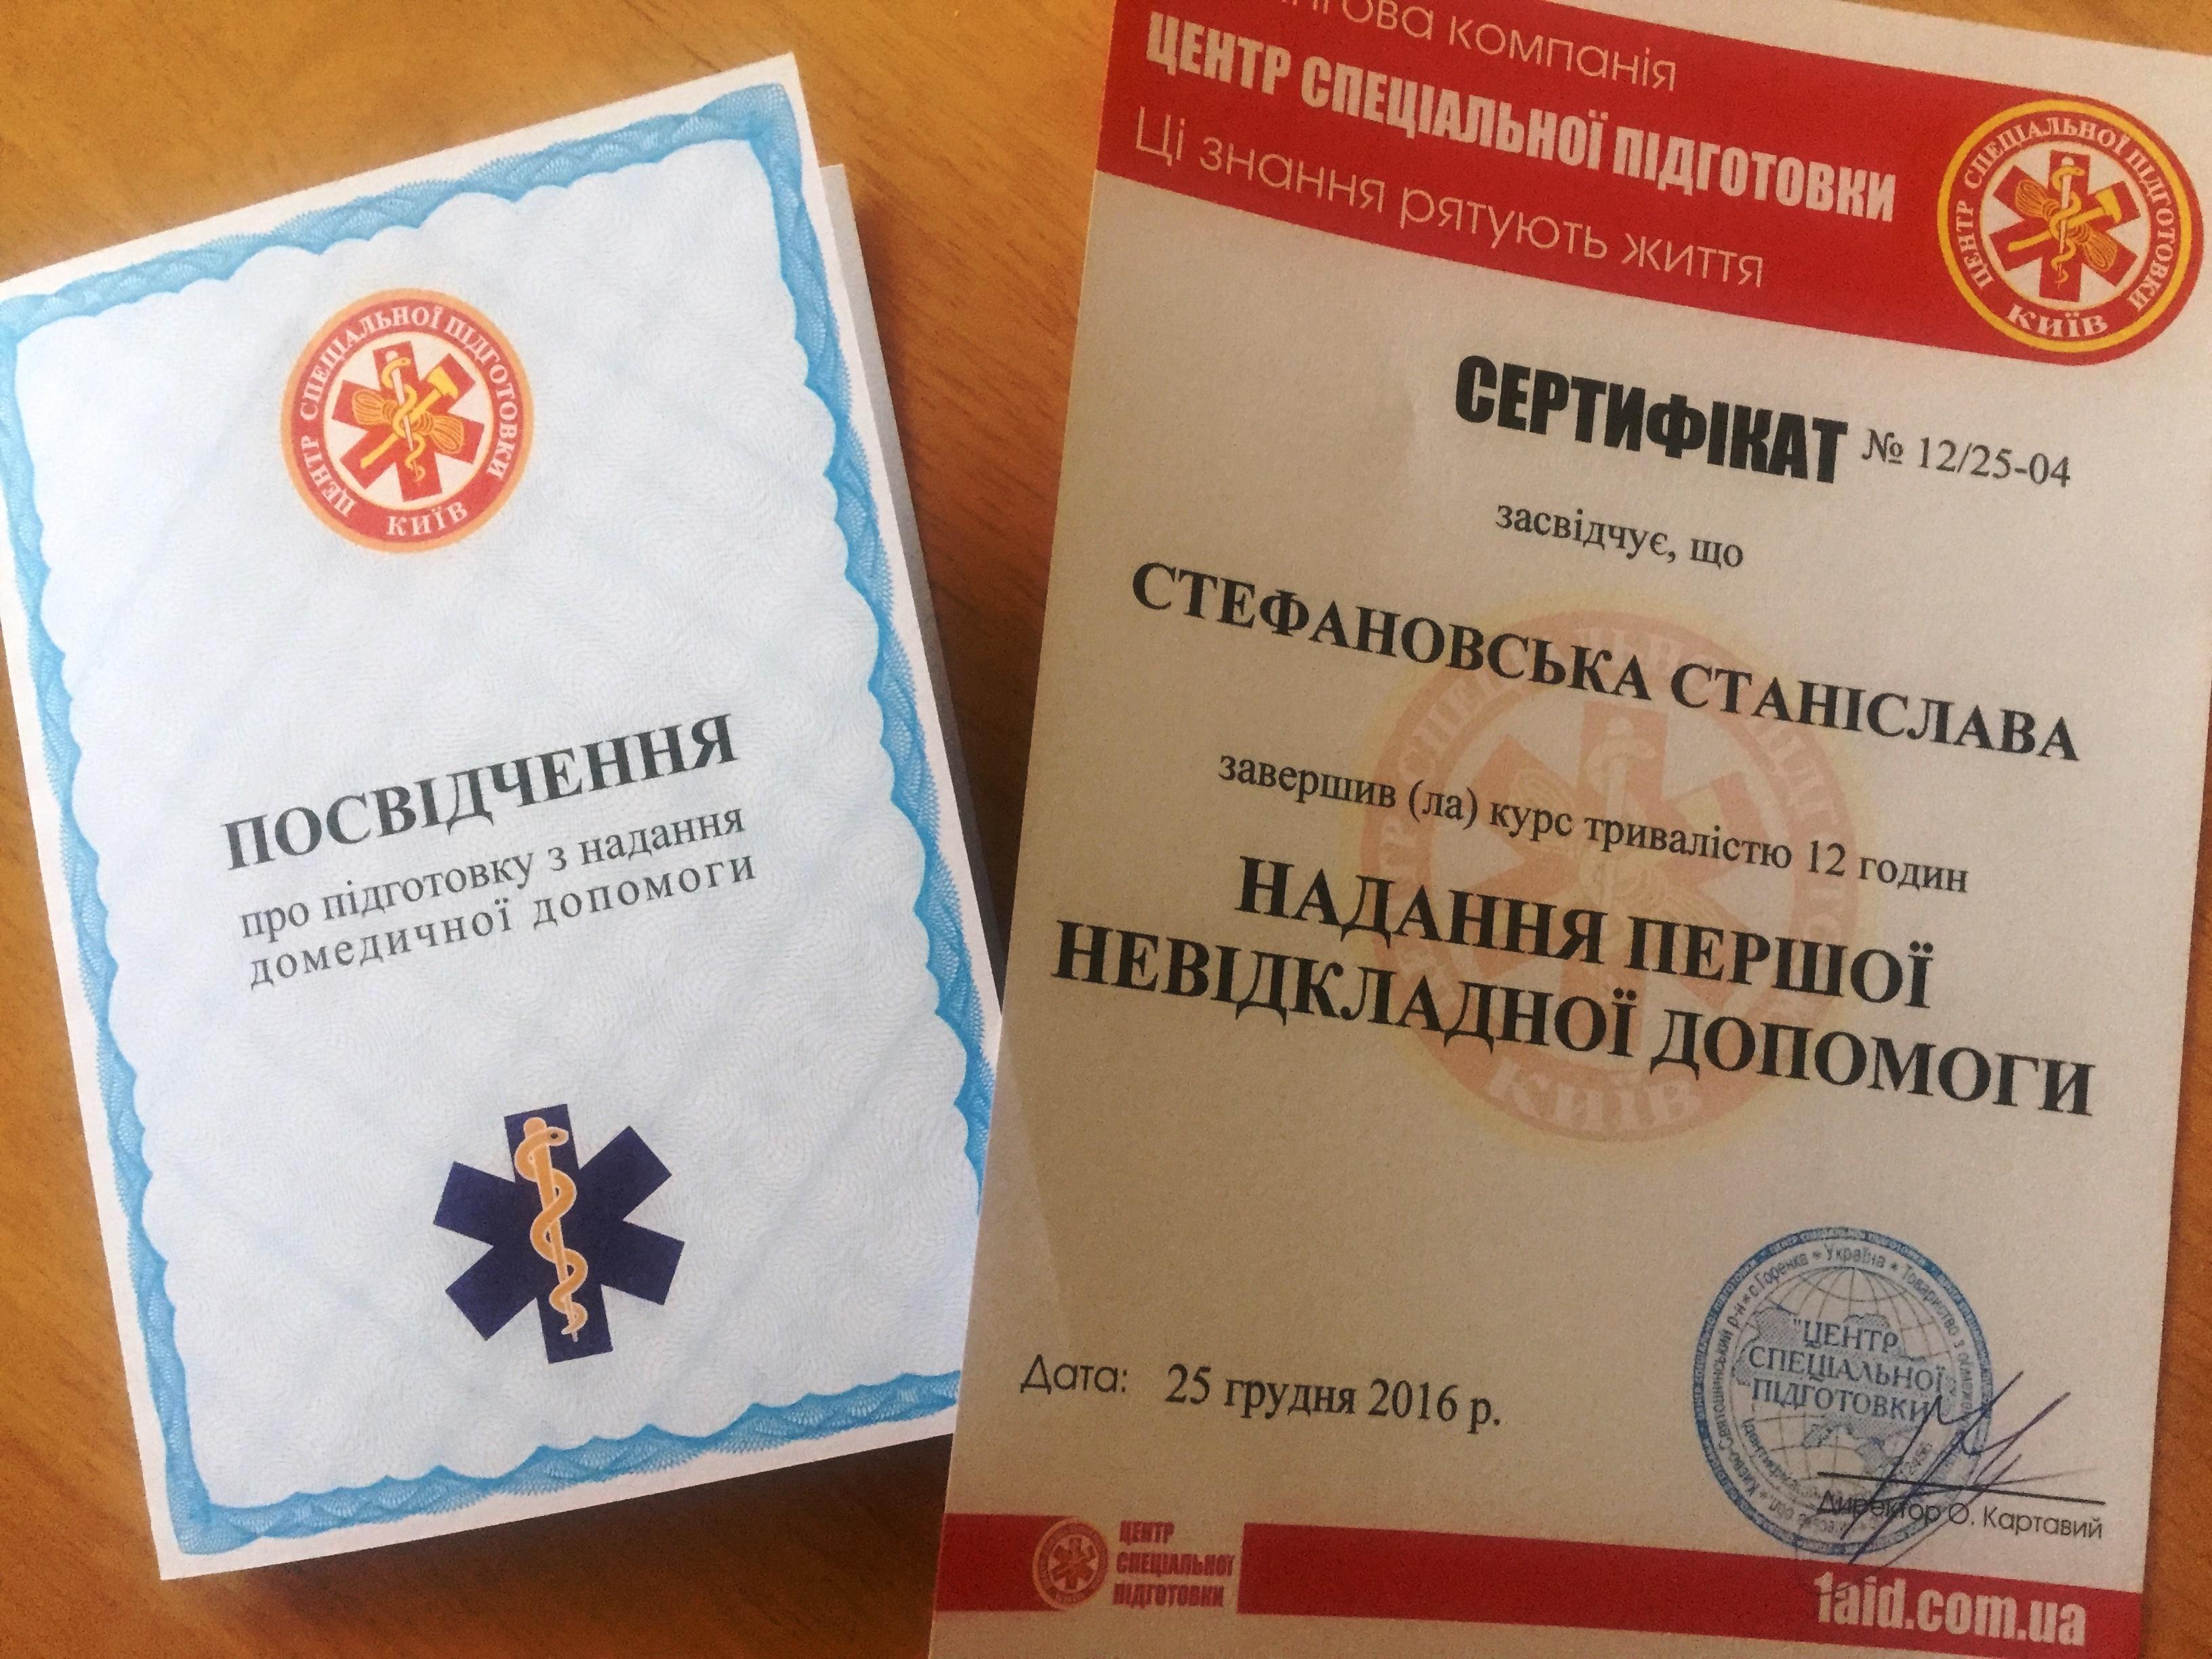 Стефановская Станислава